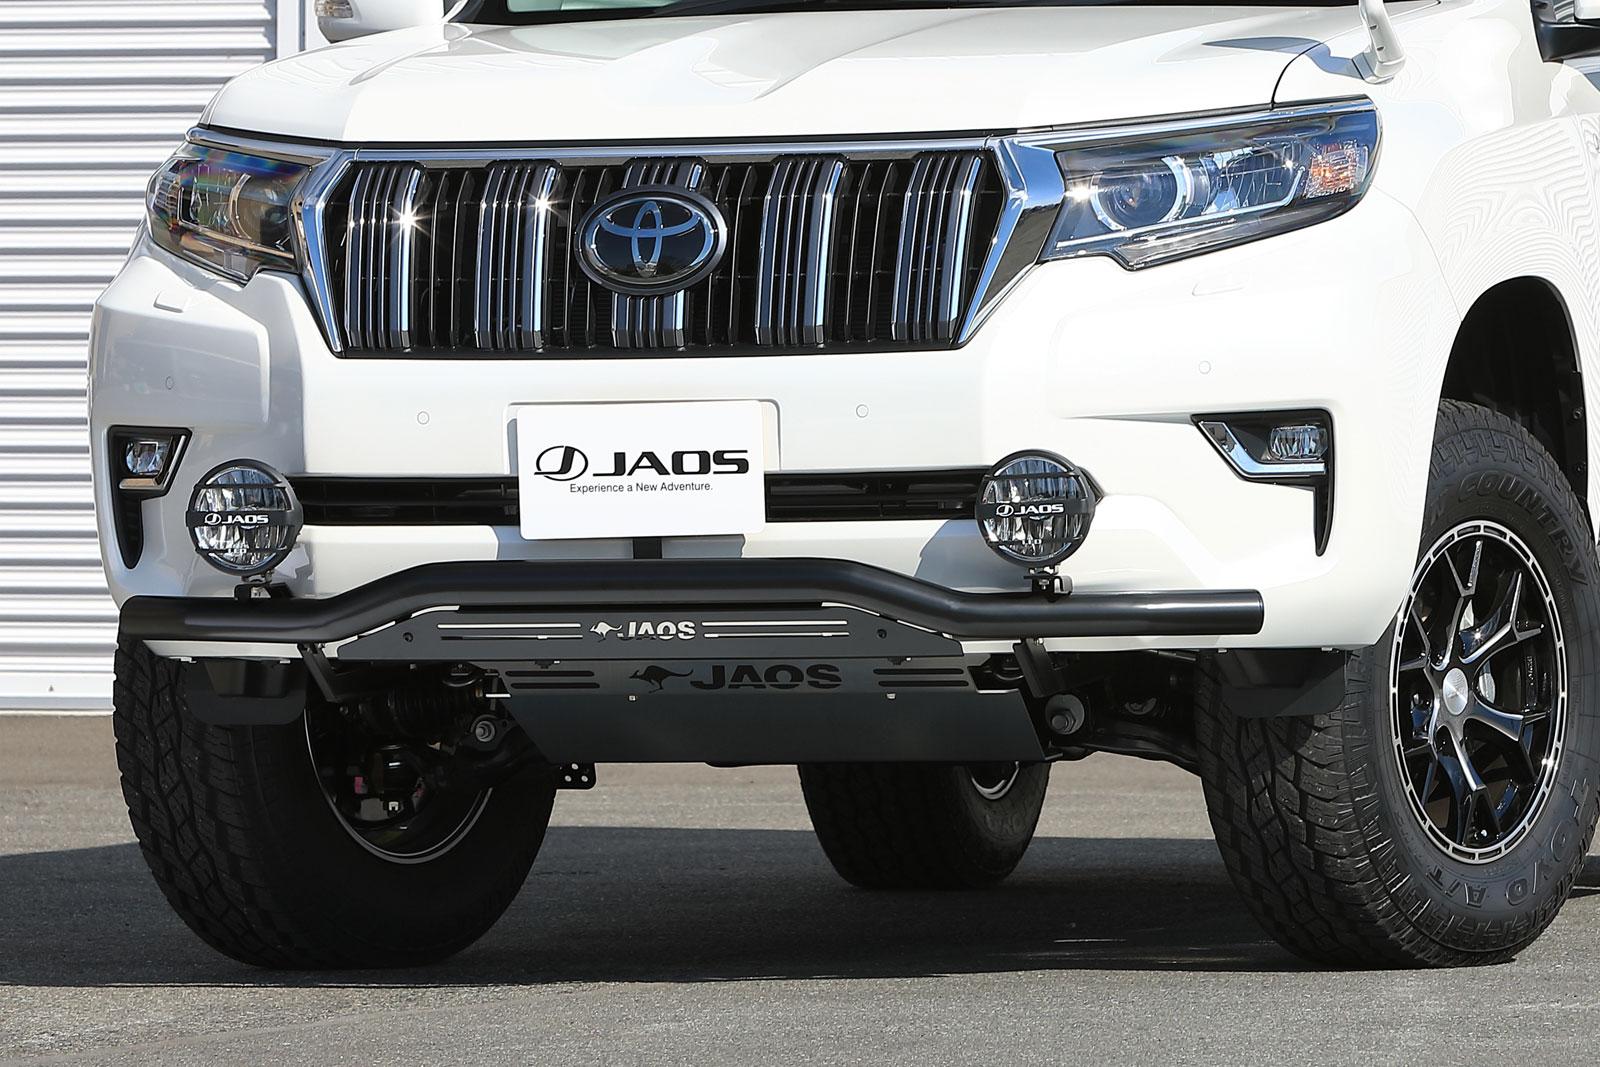 JAOS ジャオス フロントスキッドバー ブラック/ブラック トヨタ プラド 150系 17/09- 適応:ALL【B150067D】